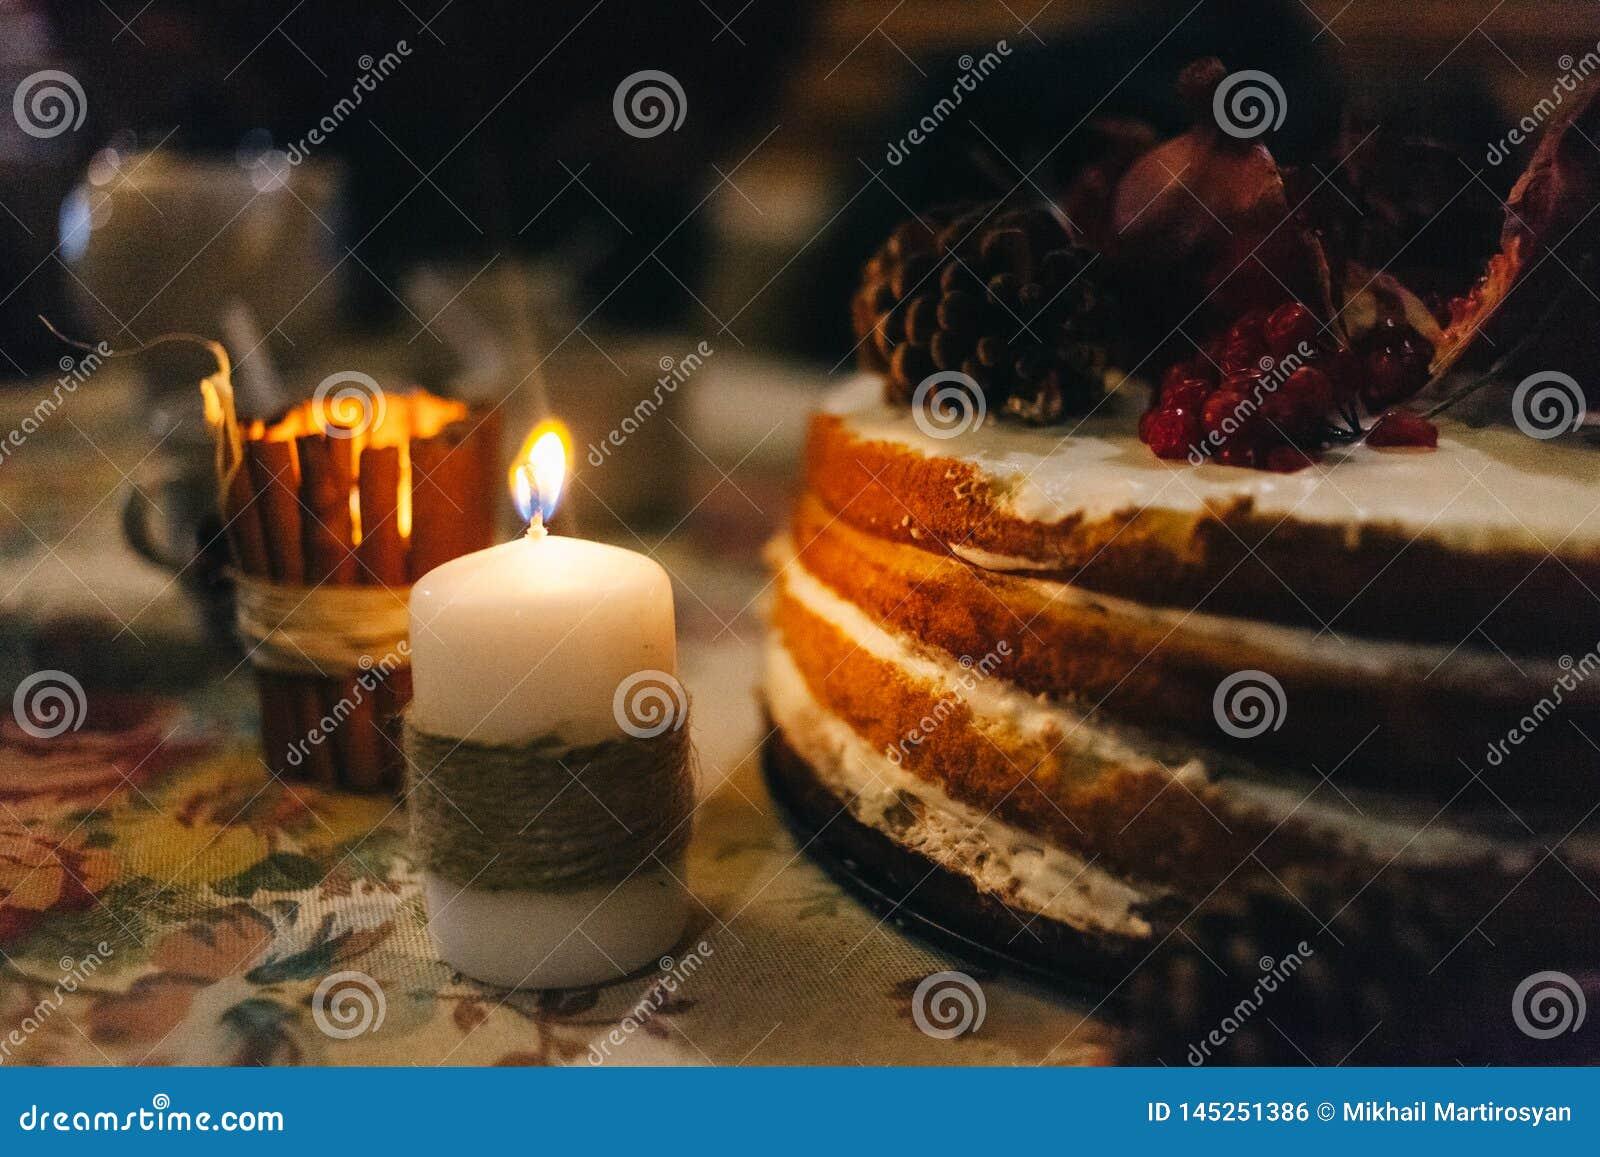 A romã mergulhou o bolo à vista de uma vela grossa da cera envolvida em um cabo do cânhamo